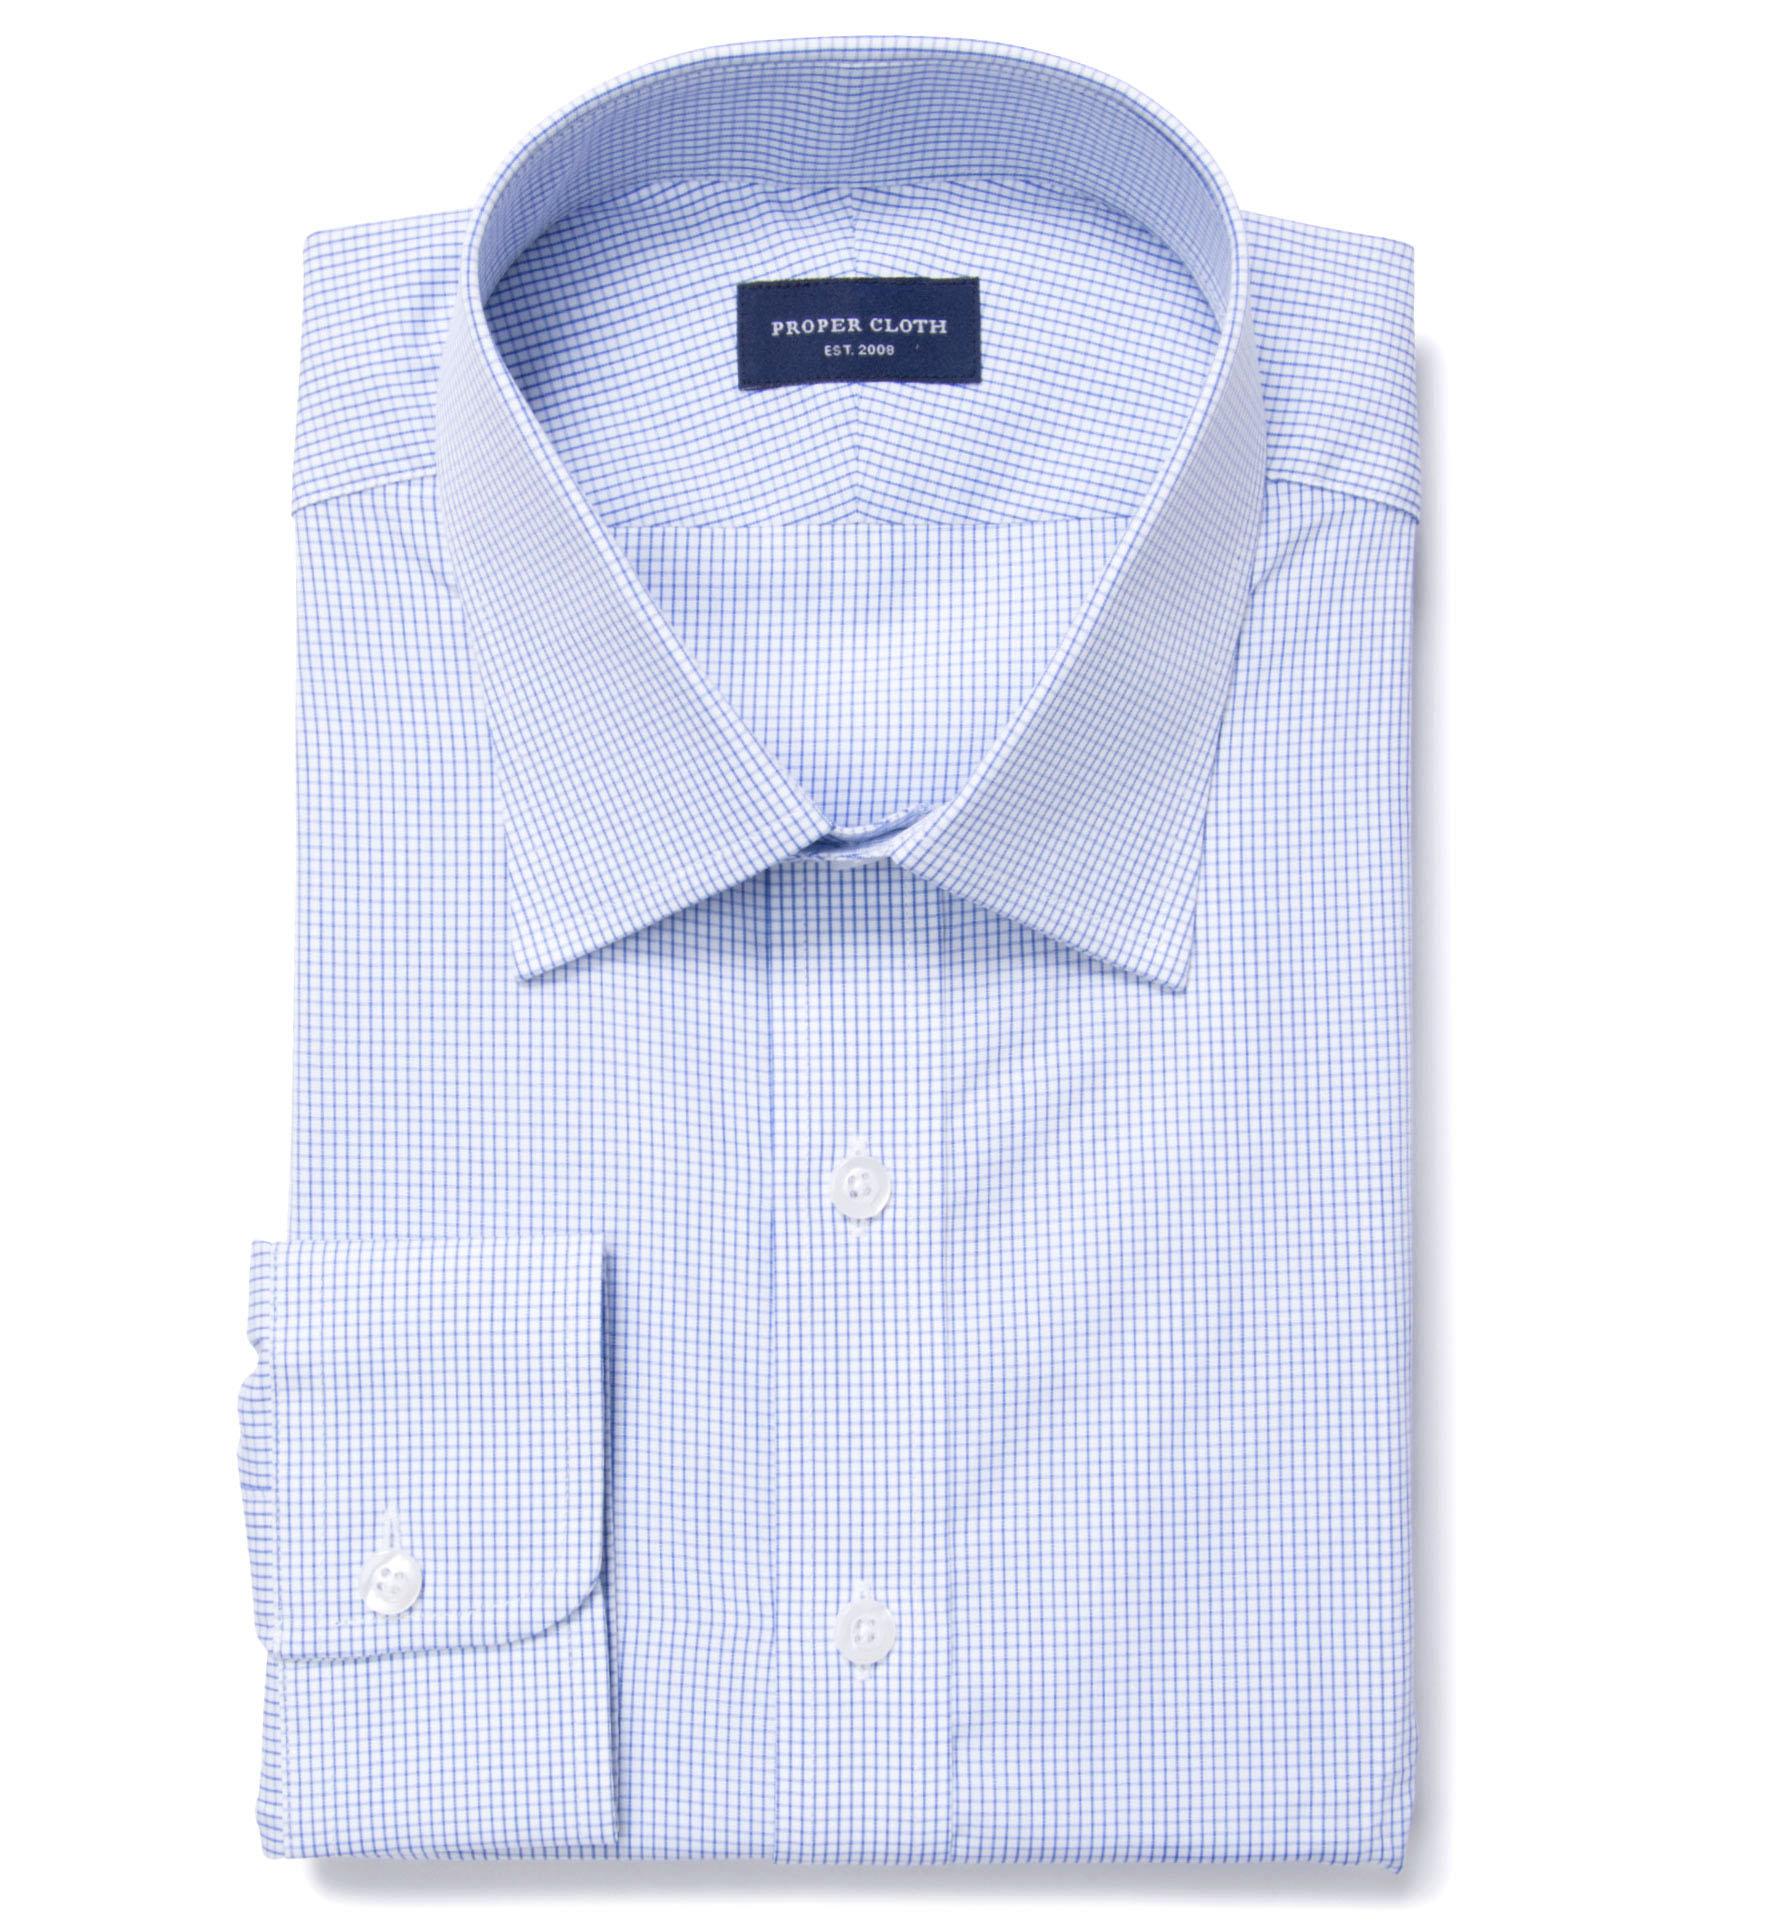 Thomas Mason Blue Small Grid Custom Dress Shirt By Proper